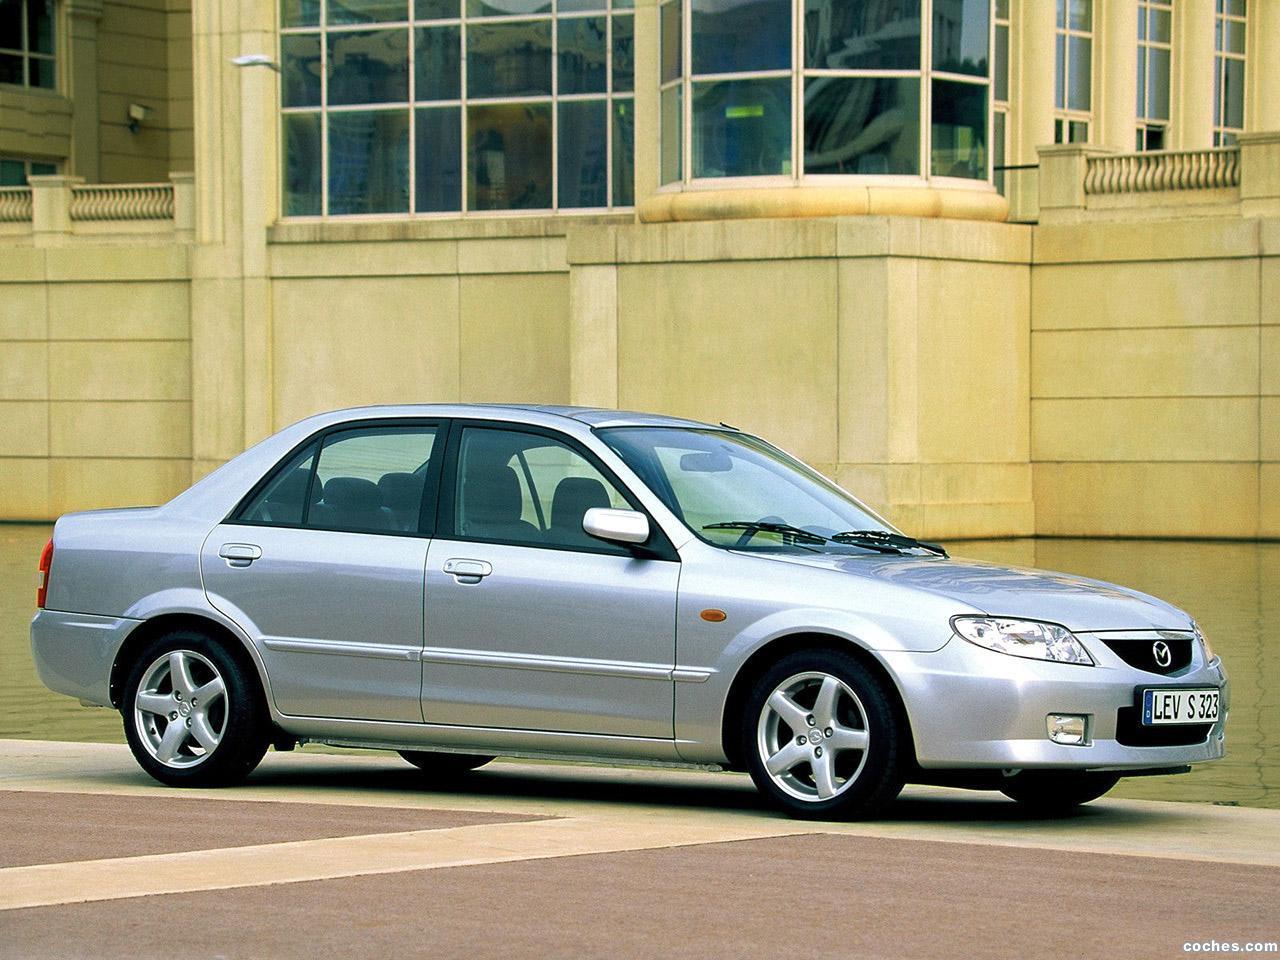 Foto 4 de Mazda 323 Sedan BJ 2000